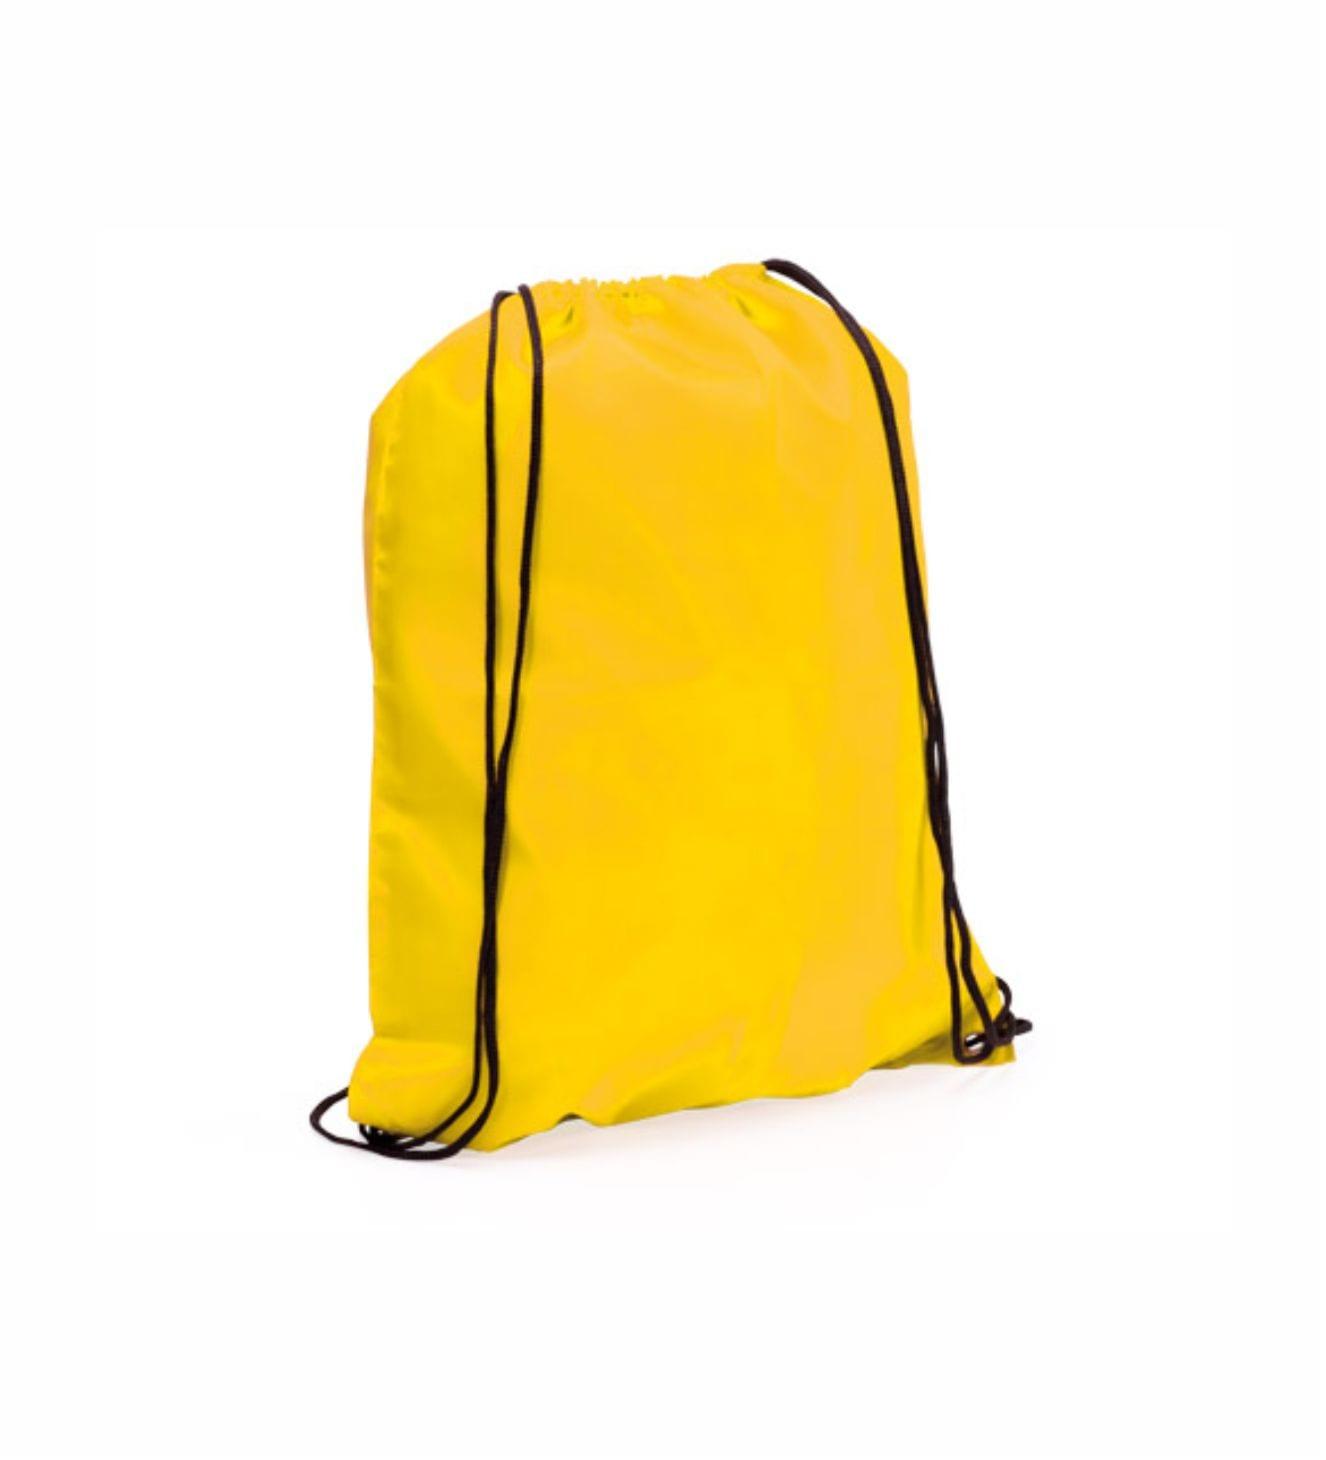 Mochilas Promocionales Amarillo. Regalos de Empresa Amarilla